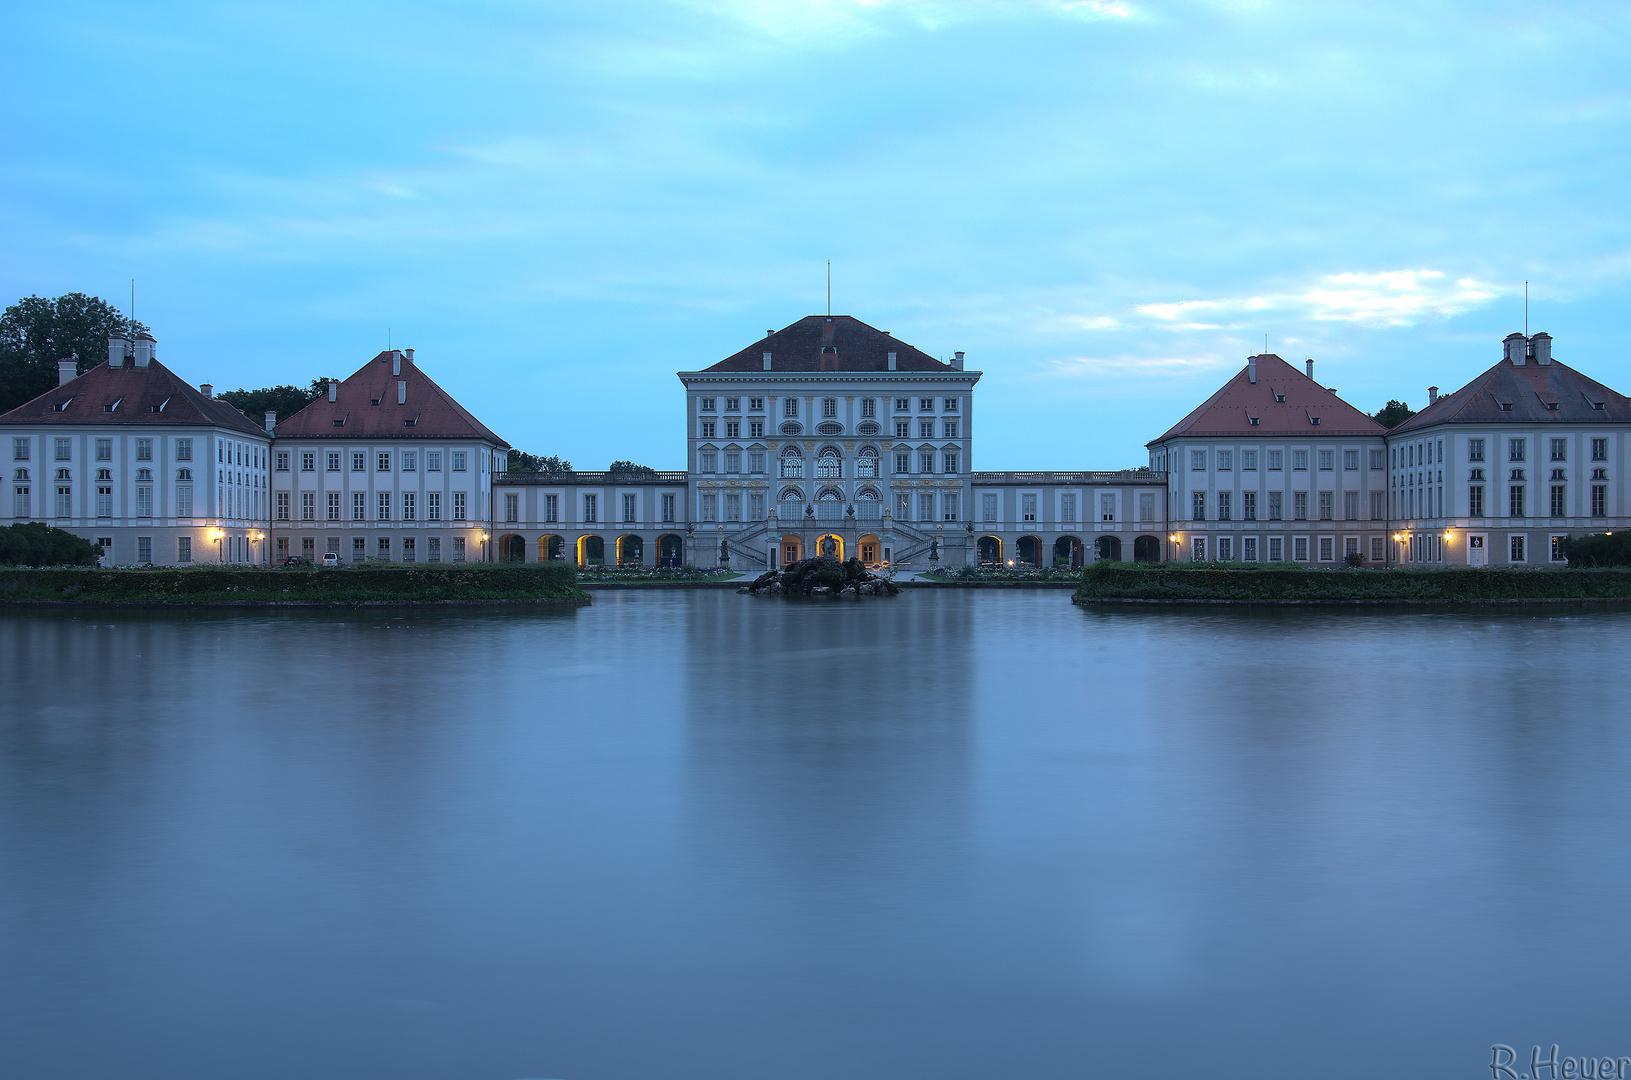 Nymphenburger Schloß München